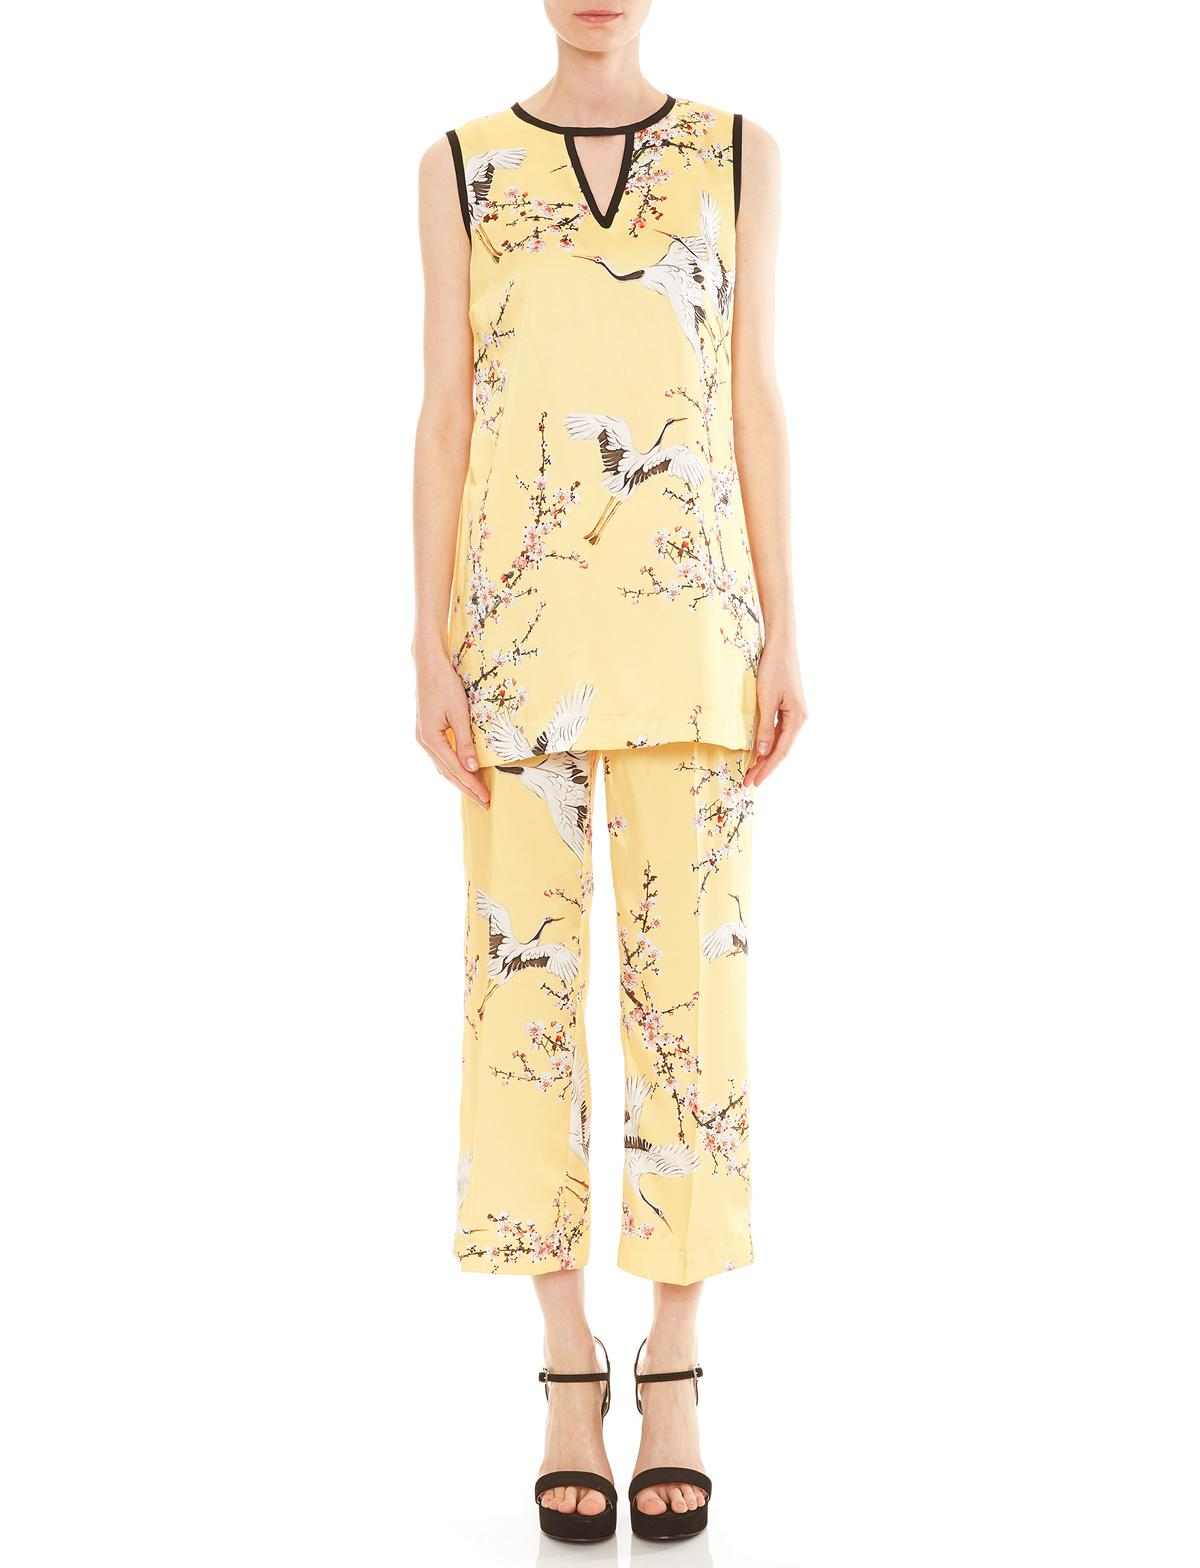 Vorderansicht von Ana Alcazar Limited Edition Long Top Medini  angezogen an Model